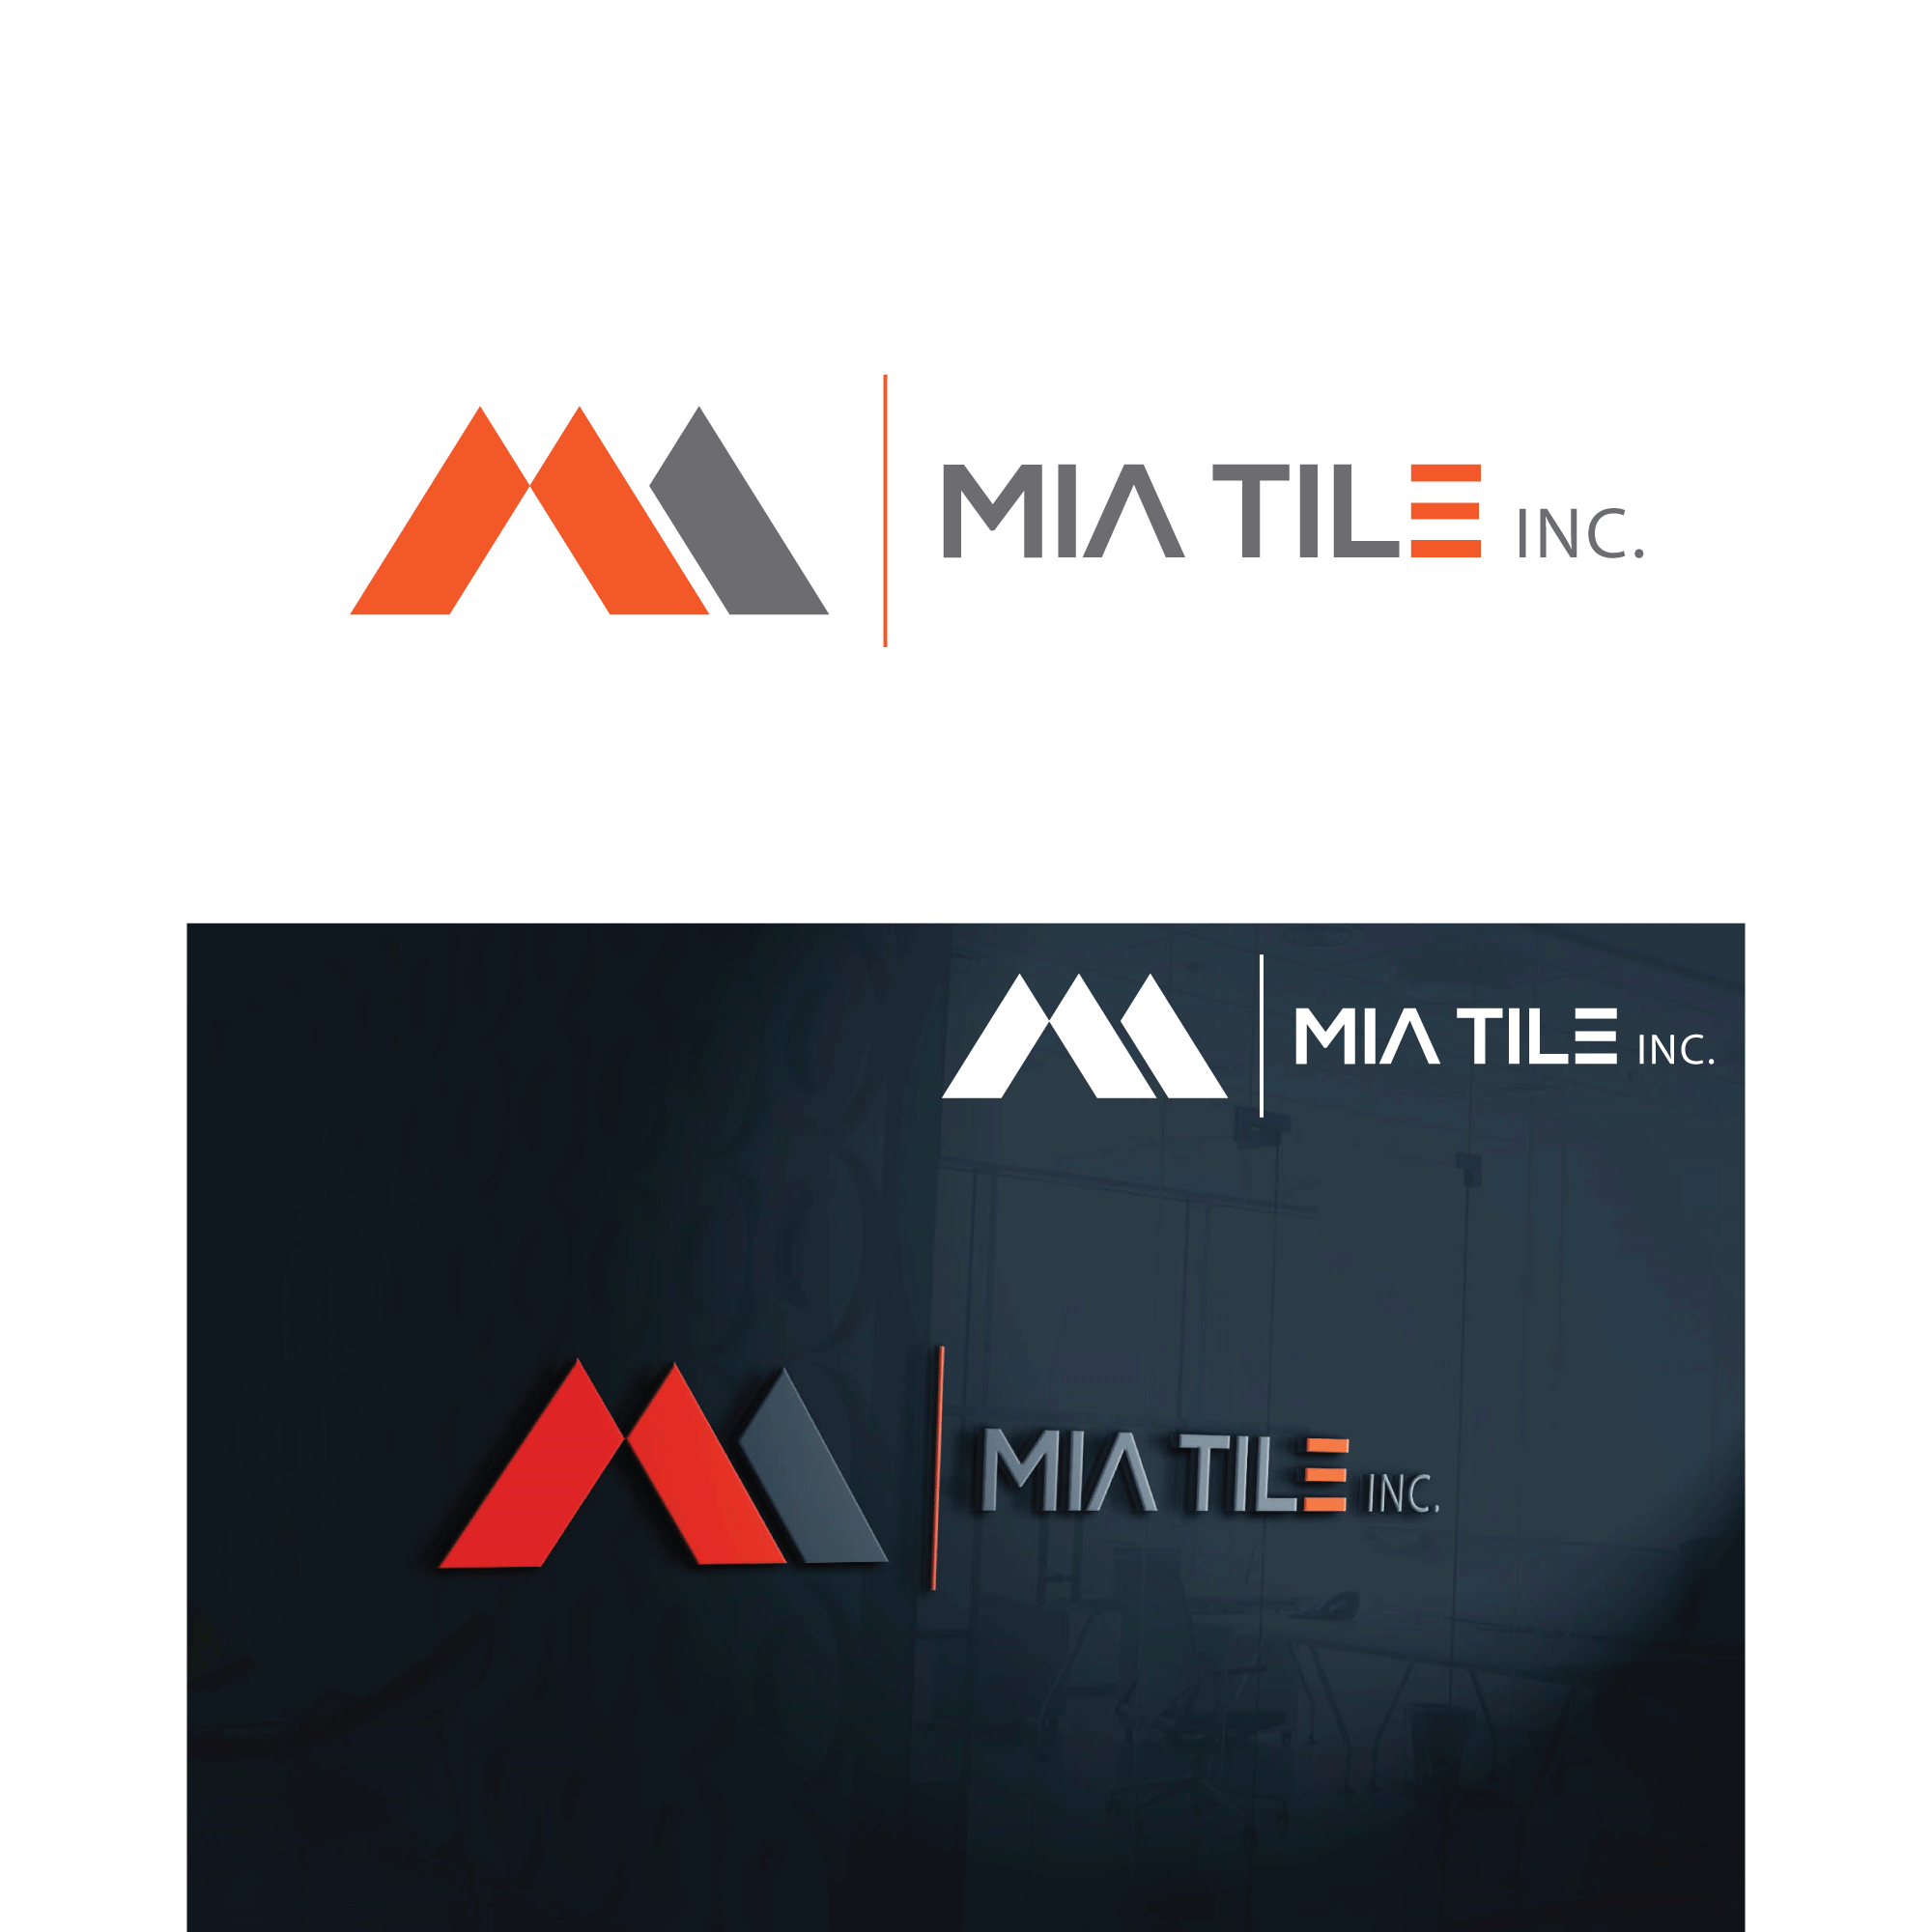 Logo Design Contests » Fun Logo Design for Mia Tile Inc ...